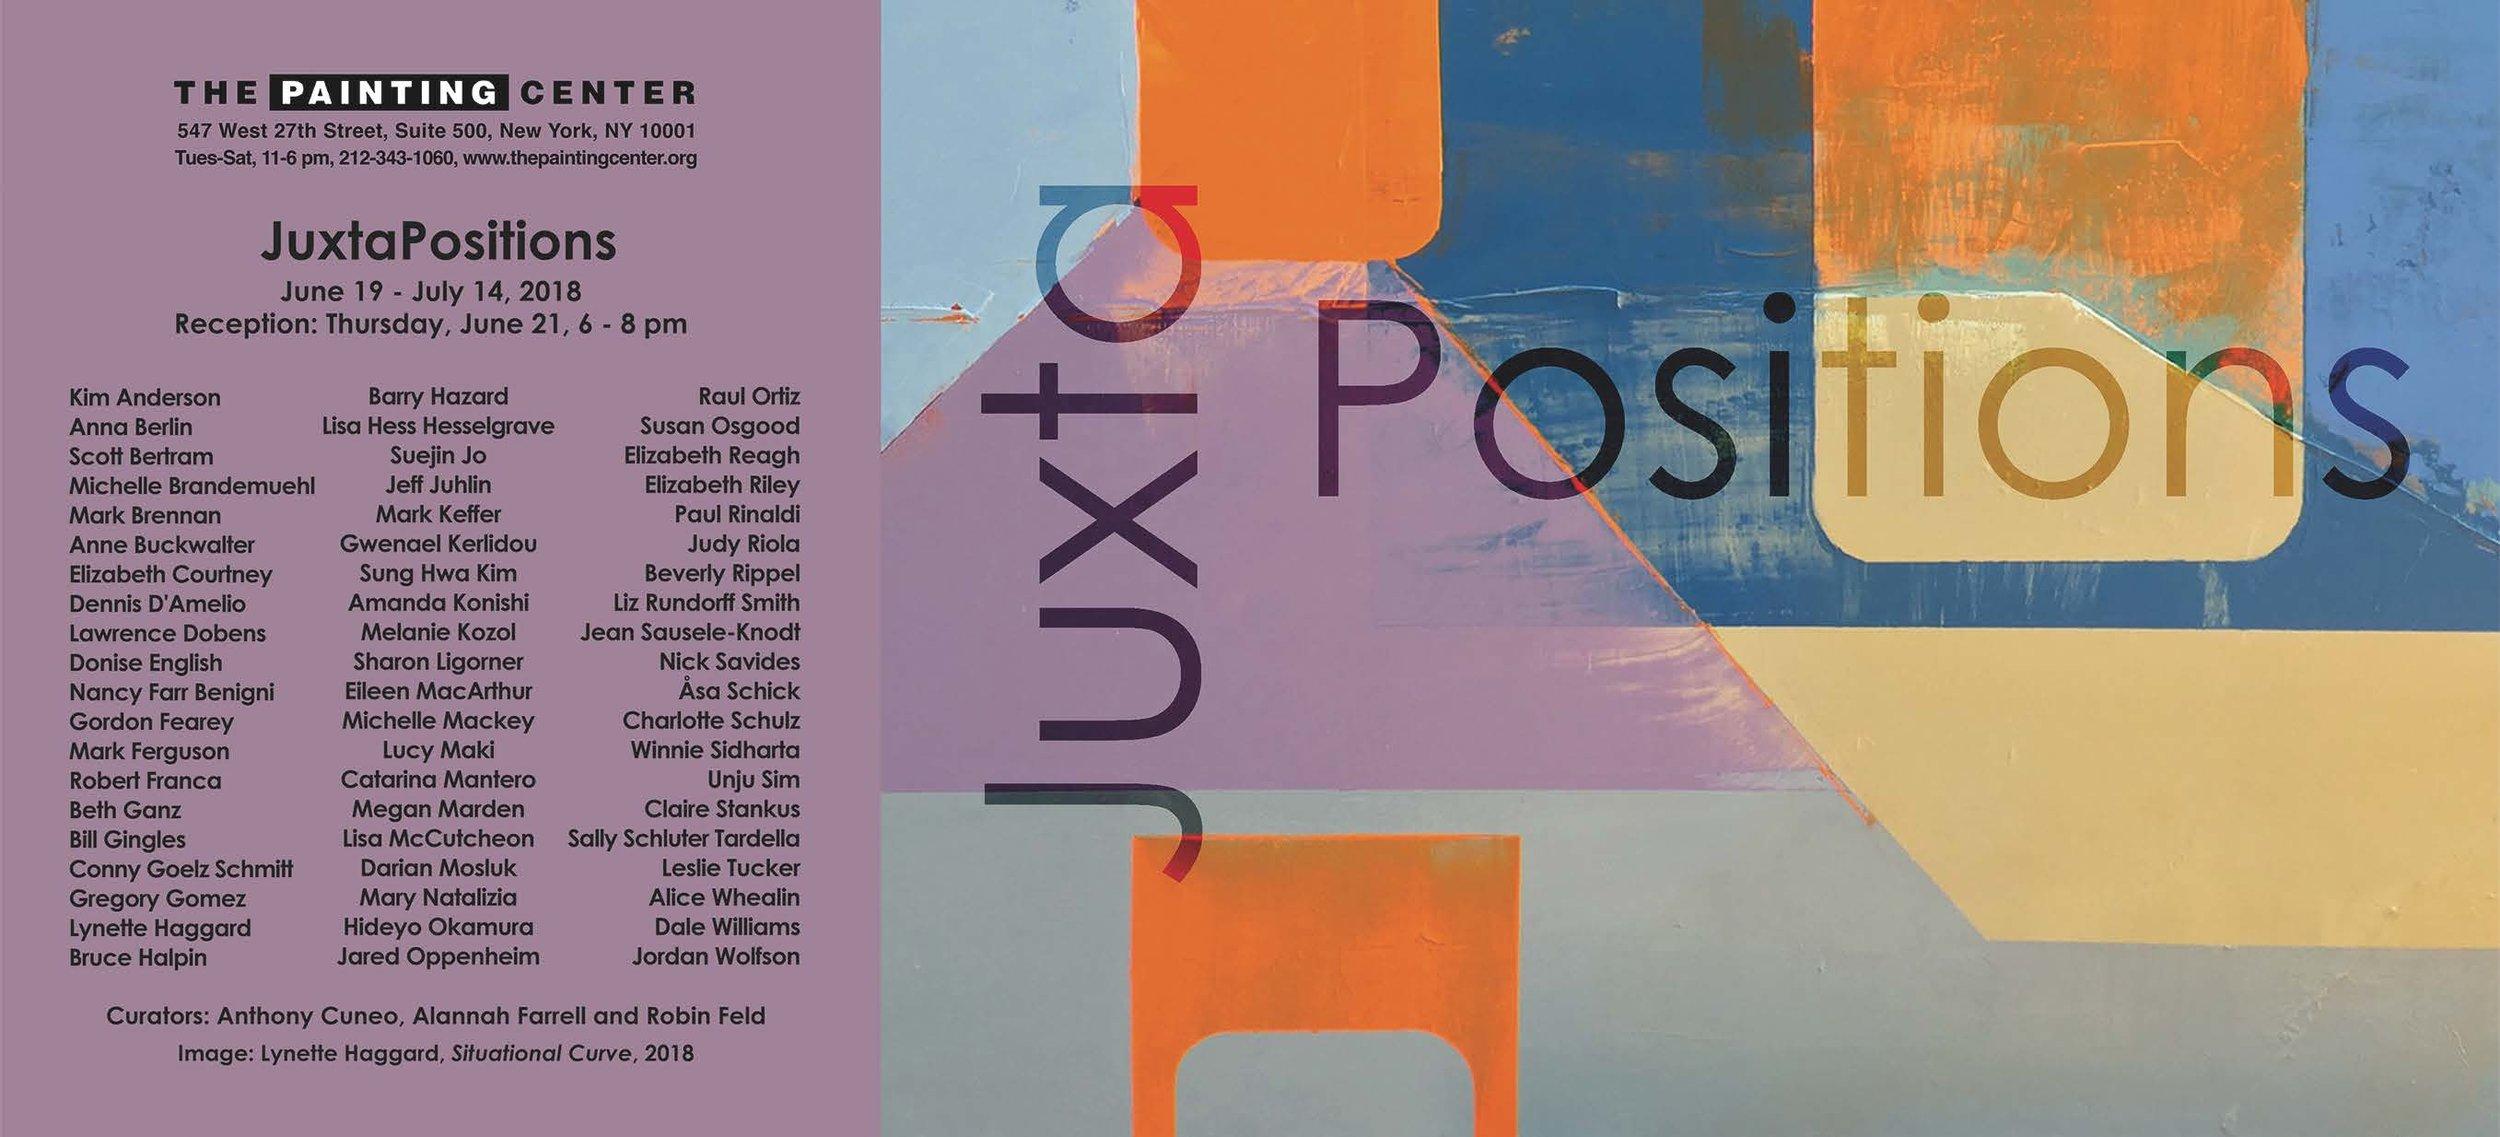 JuxtaPositions_Card.jpg